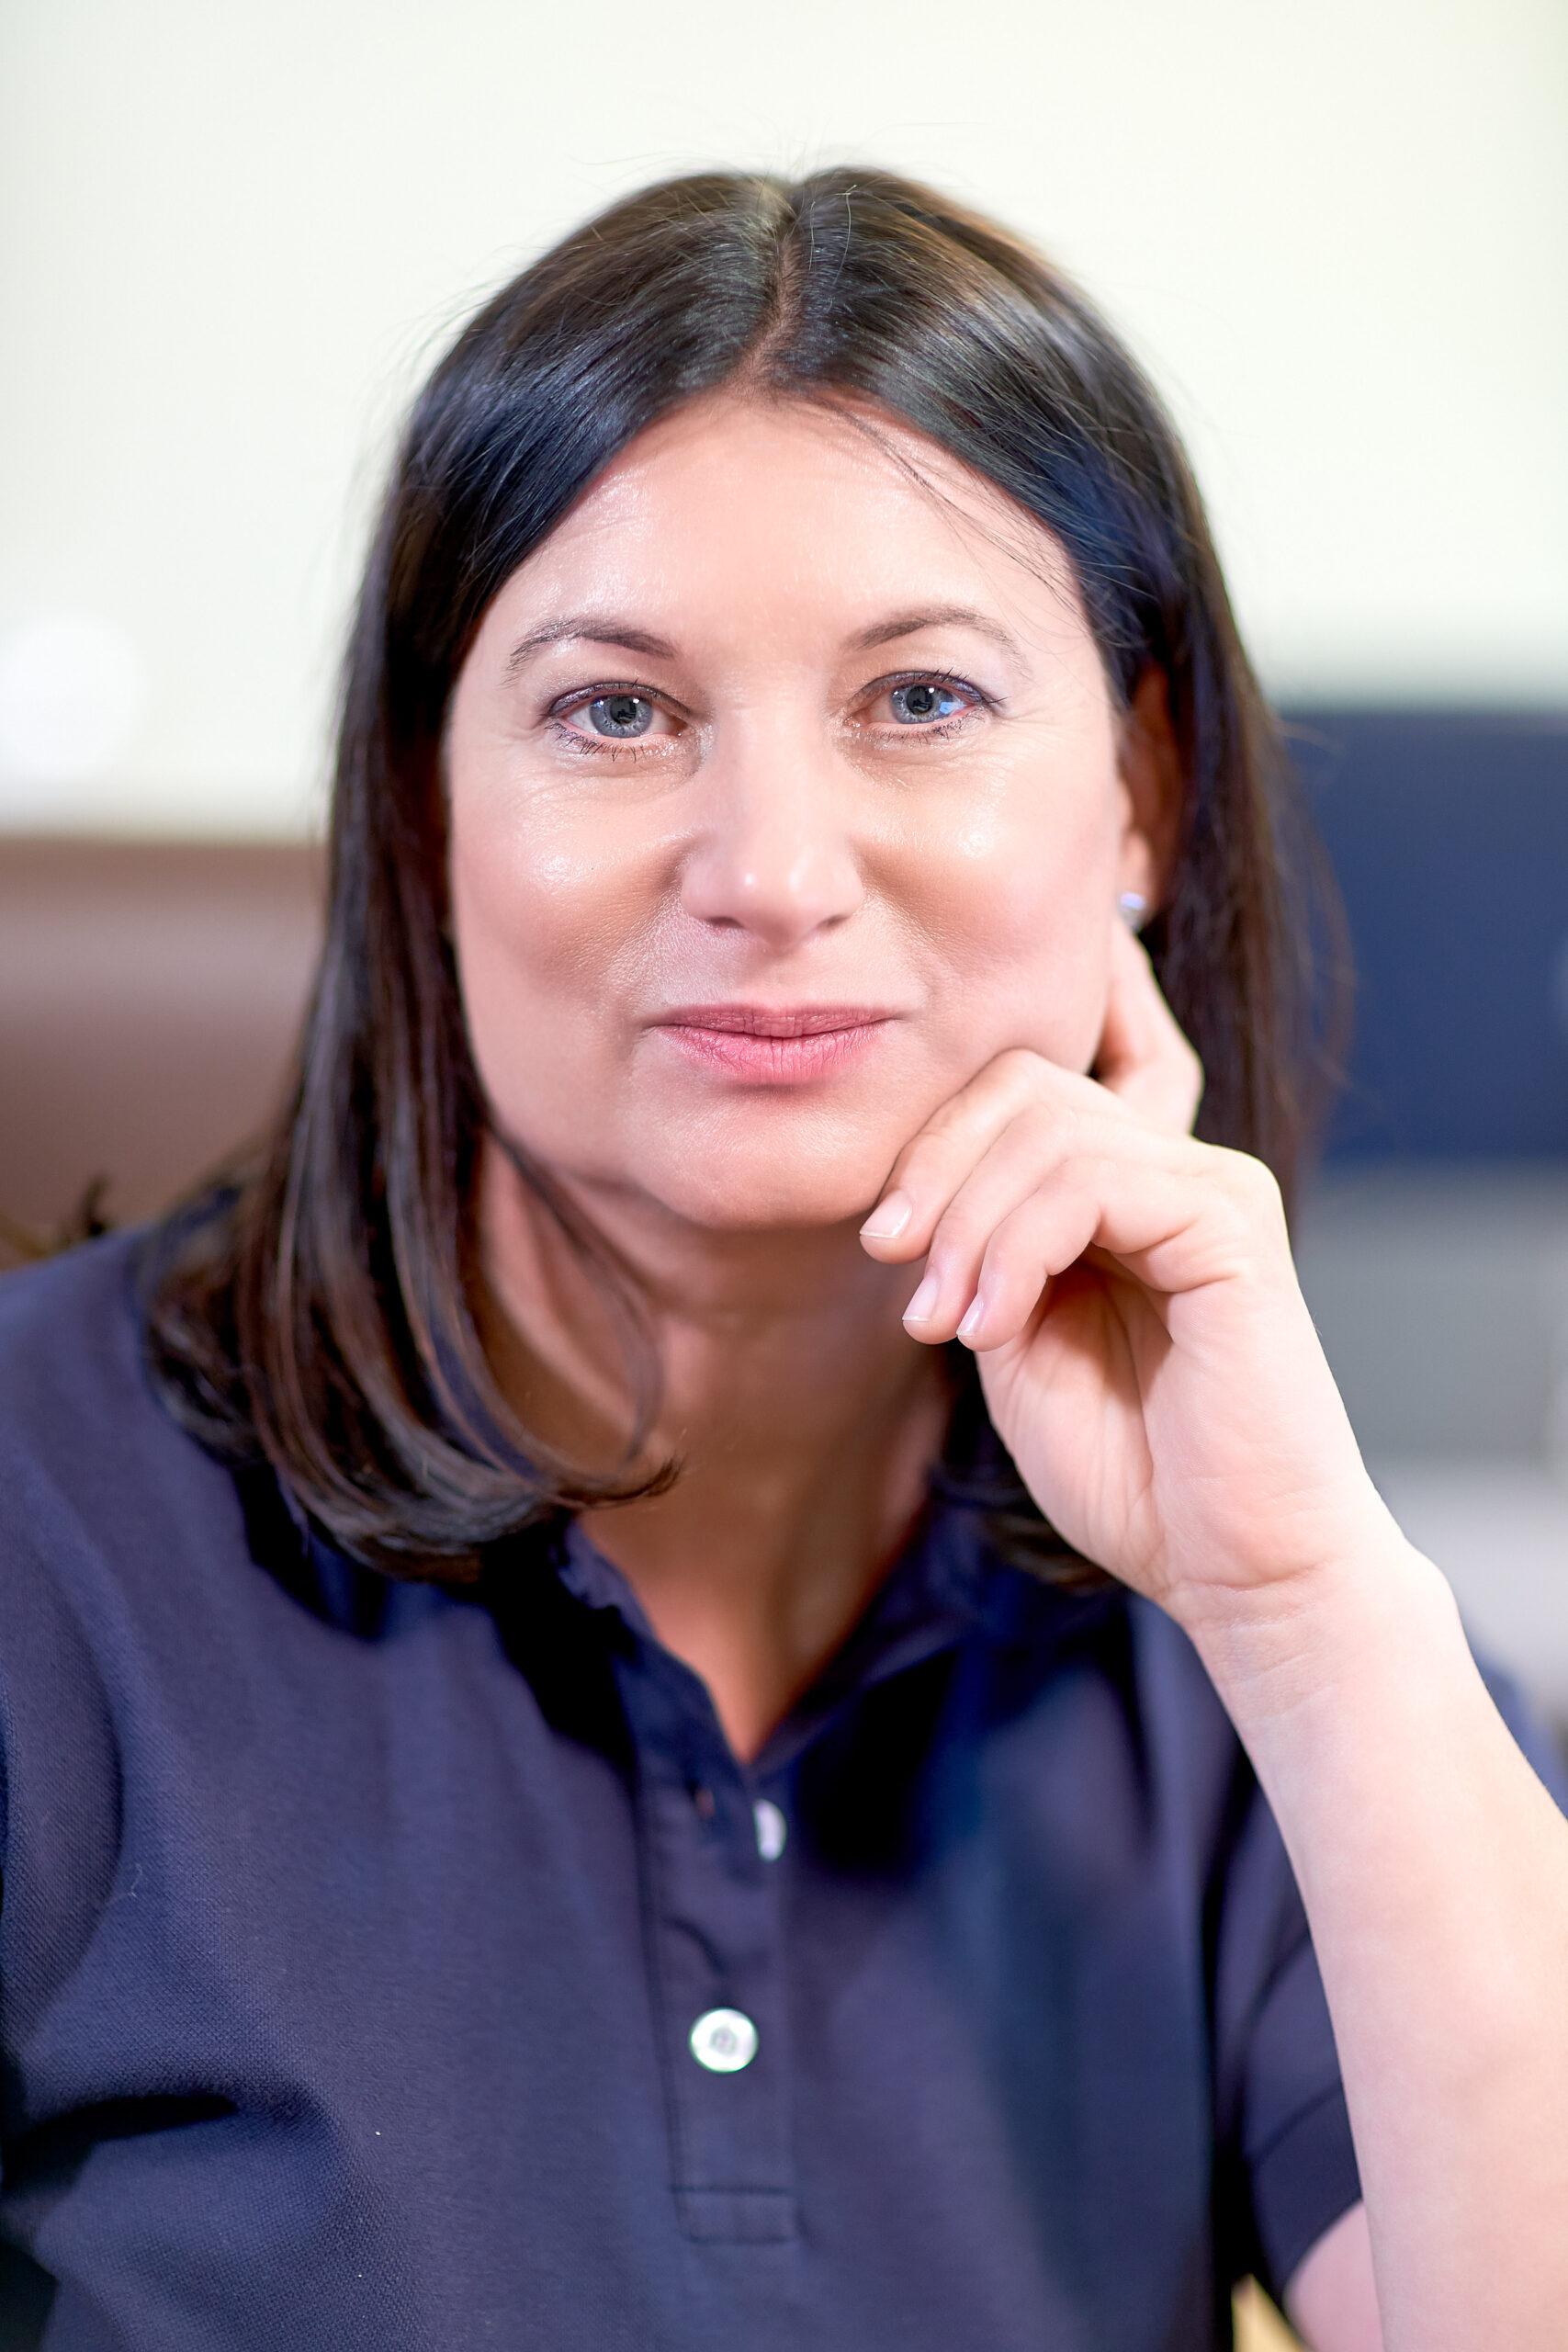 Dr. med. Miriam Binder - Tattooentfernung bei Citylaser